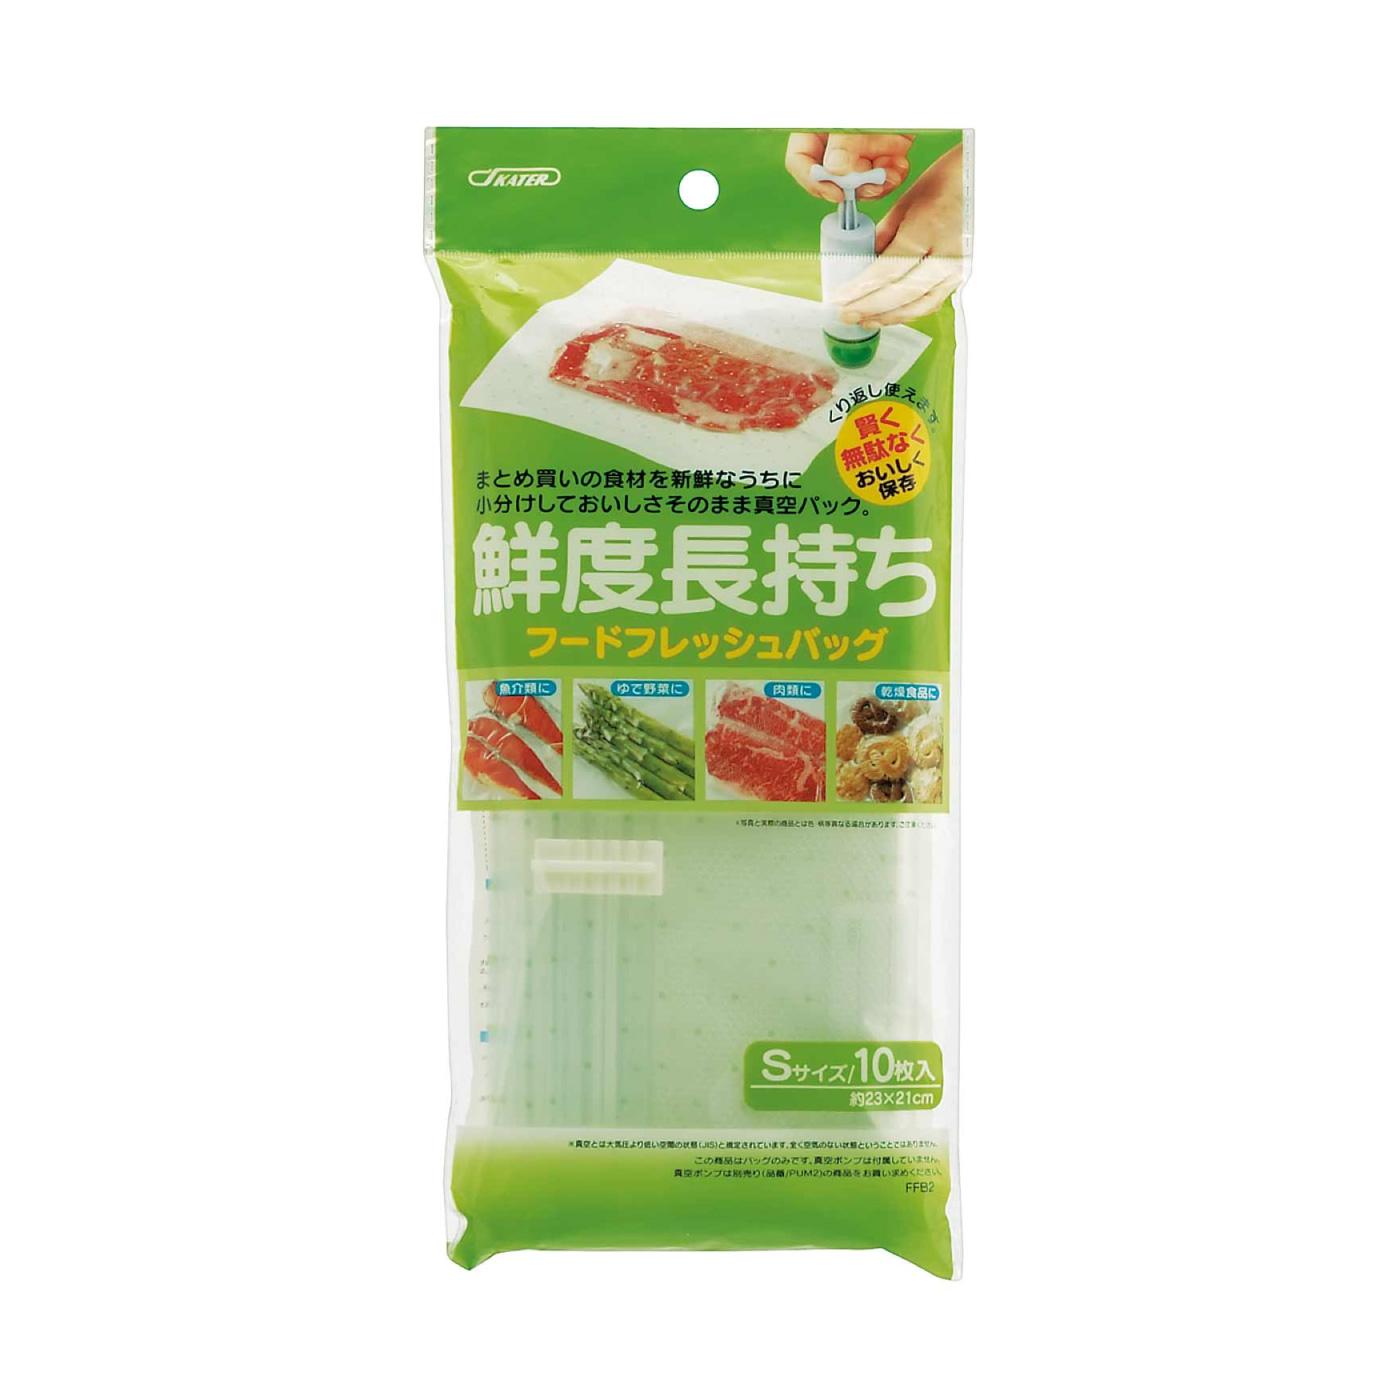 フェリシモ 真空パックで食品の鮮度を長持ちさせる!フードフレッシュバッグ Sサイズ10枚セット